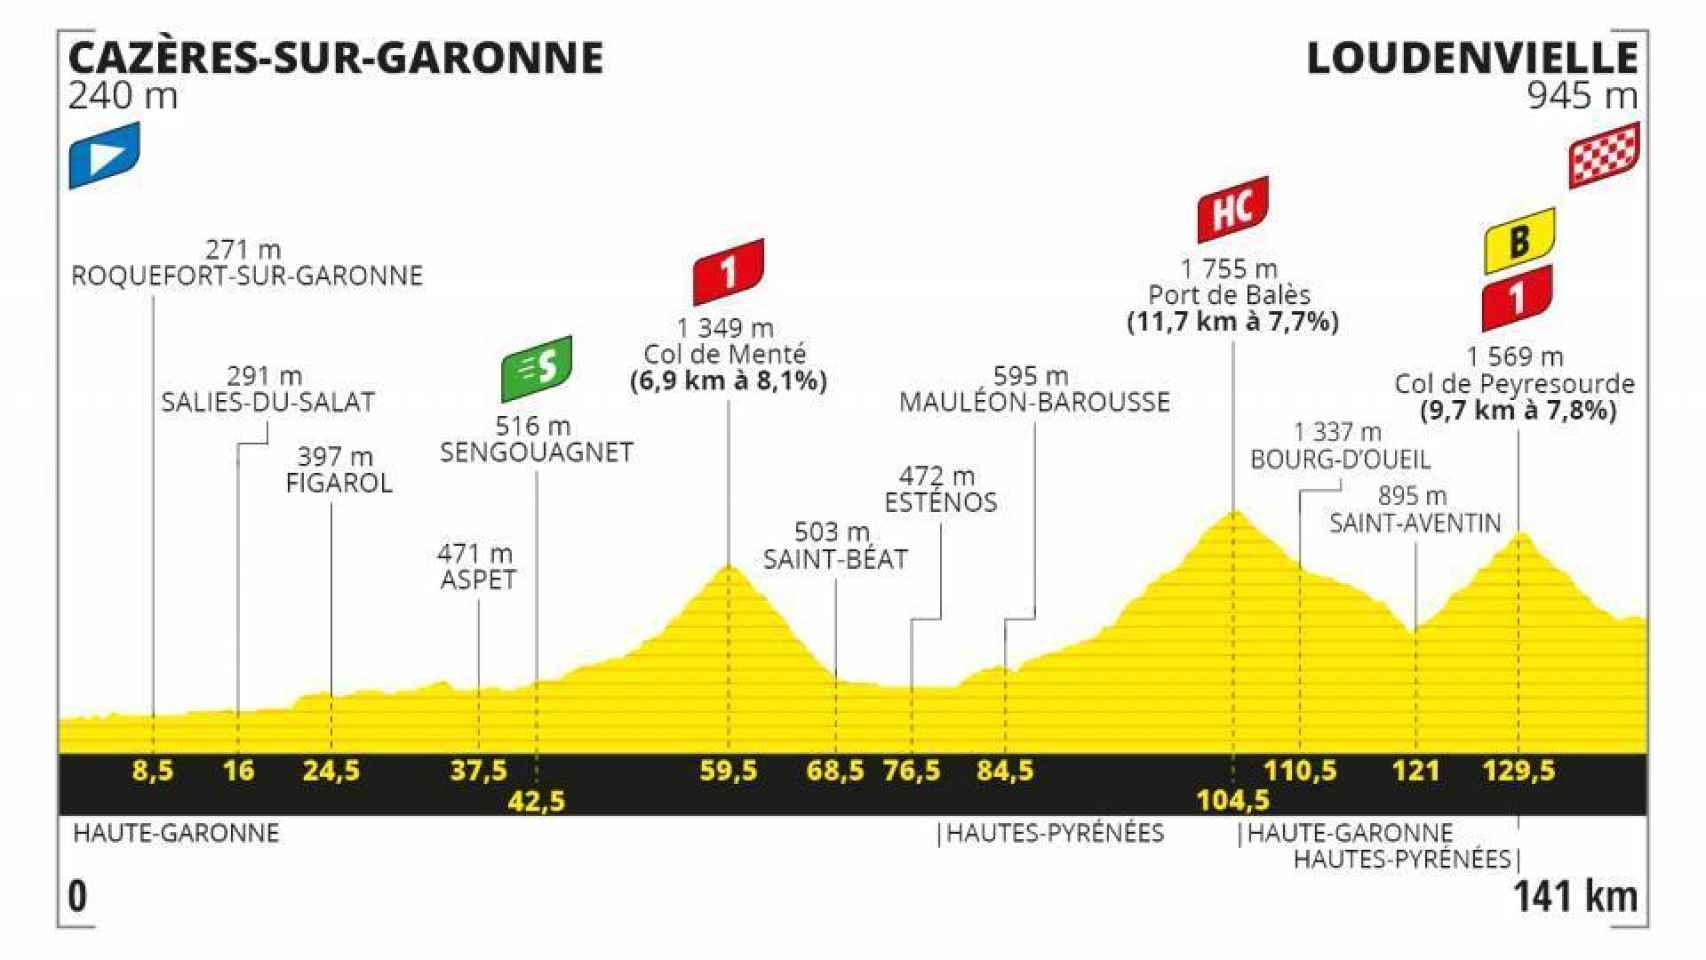 Etapa 8: Cazeres Sur Garonne - Loudenvielle (5 de septiembre)